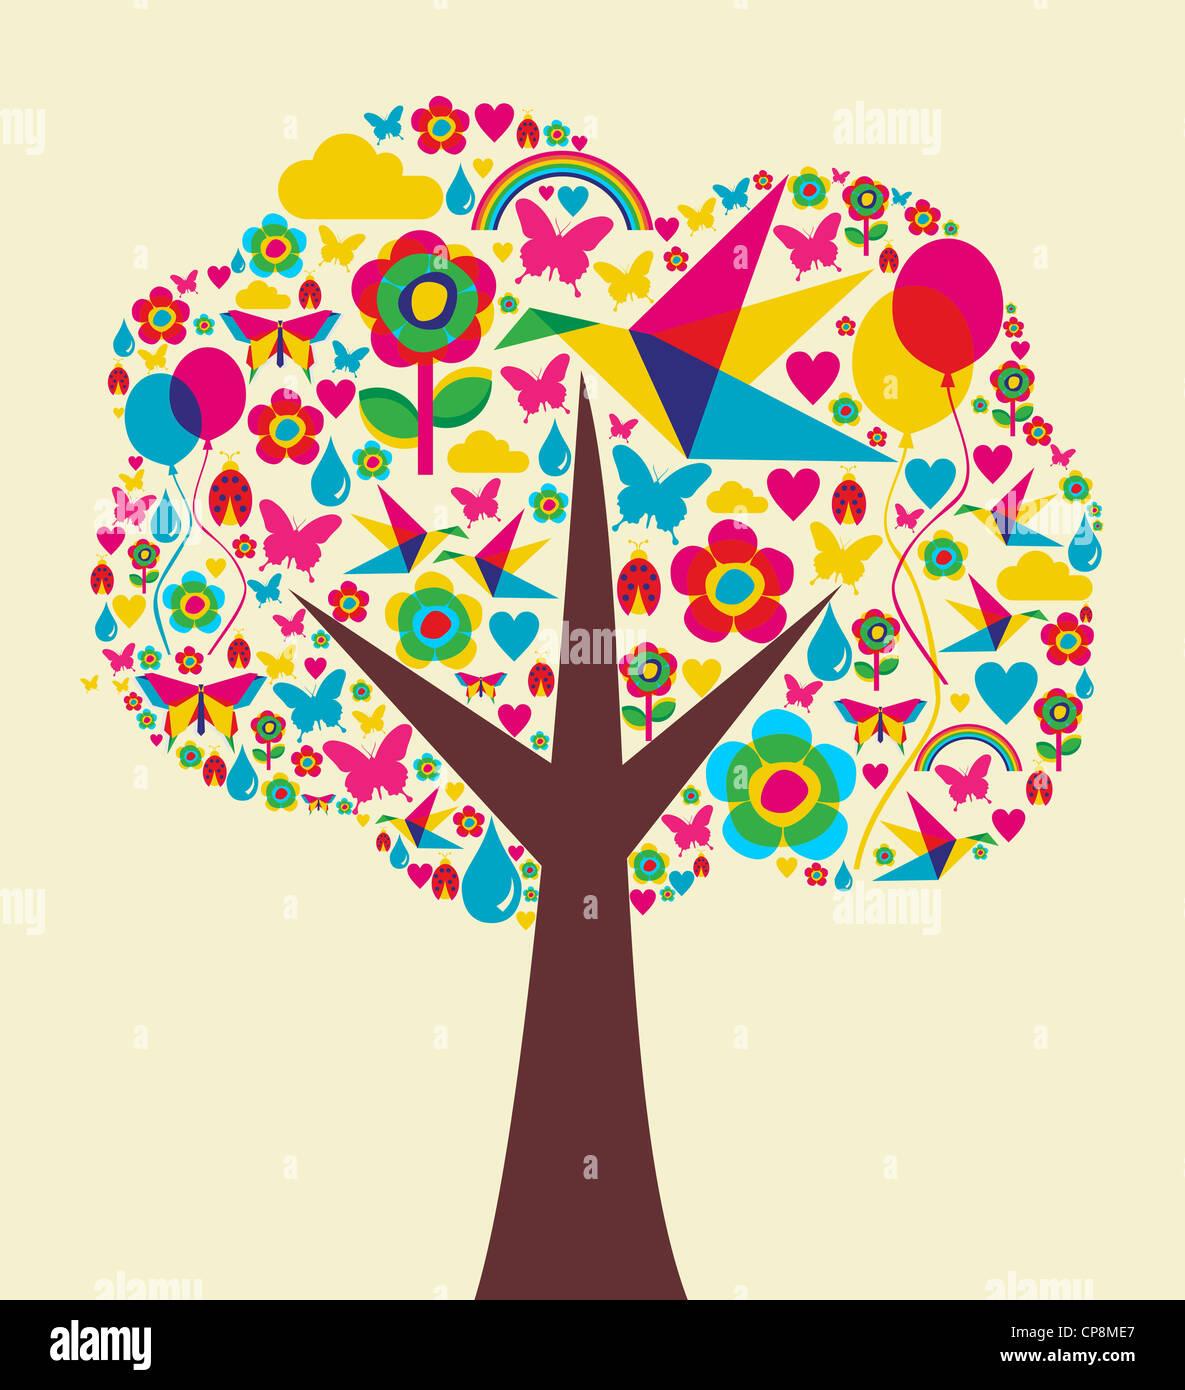 Schönen Frühling Zeit Baum Zusammensetzung Hintergrund. Vektor-Datei zur Verfügung. Stockbild